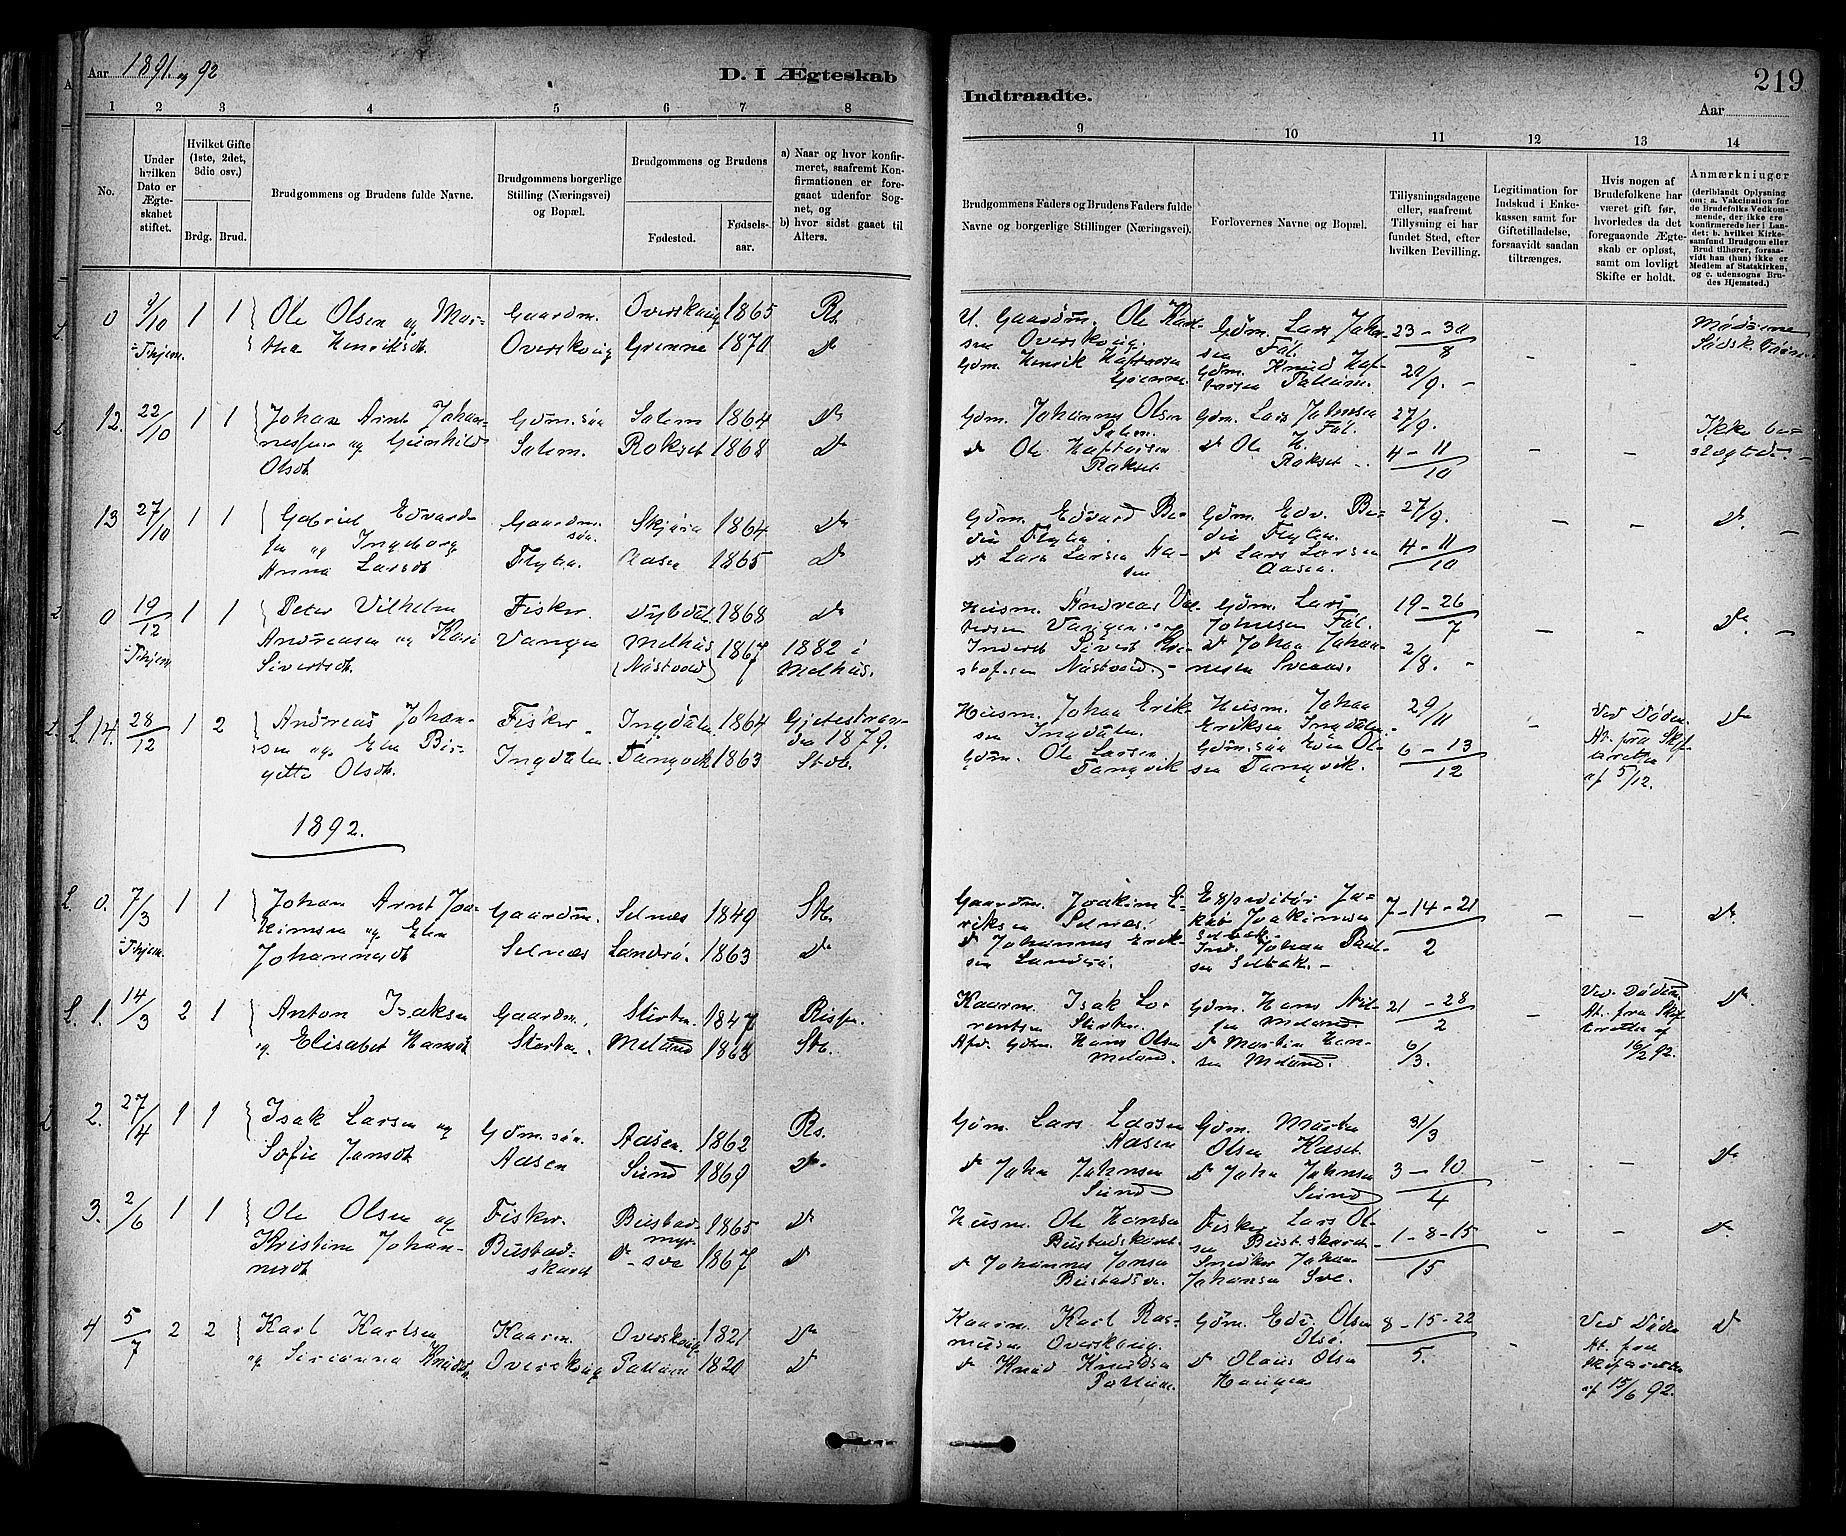 SAT, Ministerialprotokoller, klokkerbøker og fødselsregistre - Sør-Trøndelag, 647/L0634: Ministerialbok nr. 647A01, 1885-1896, s. 219